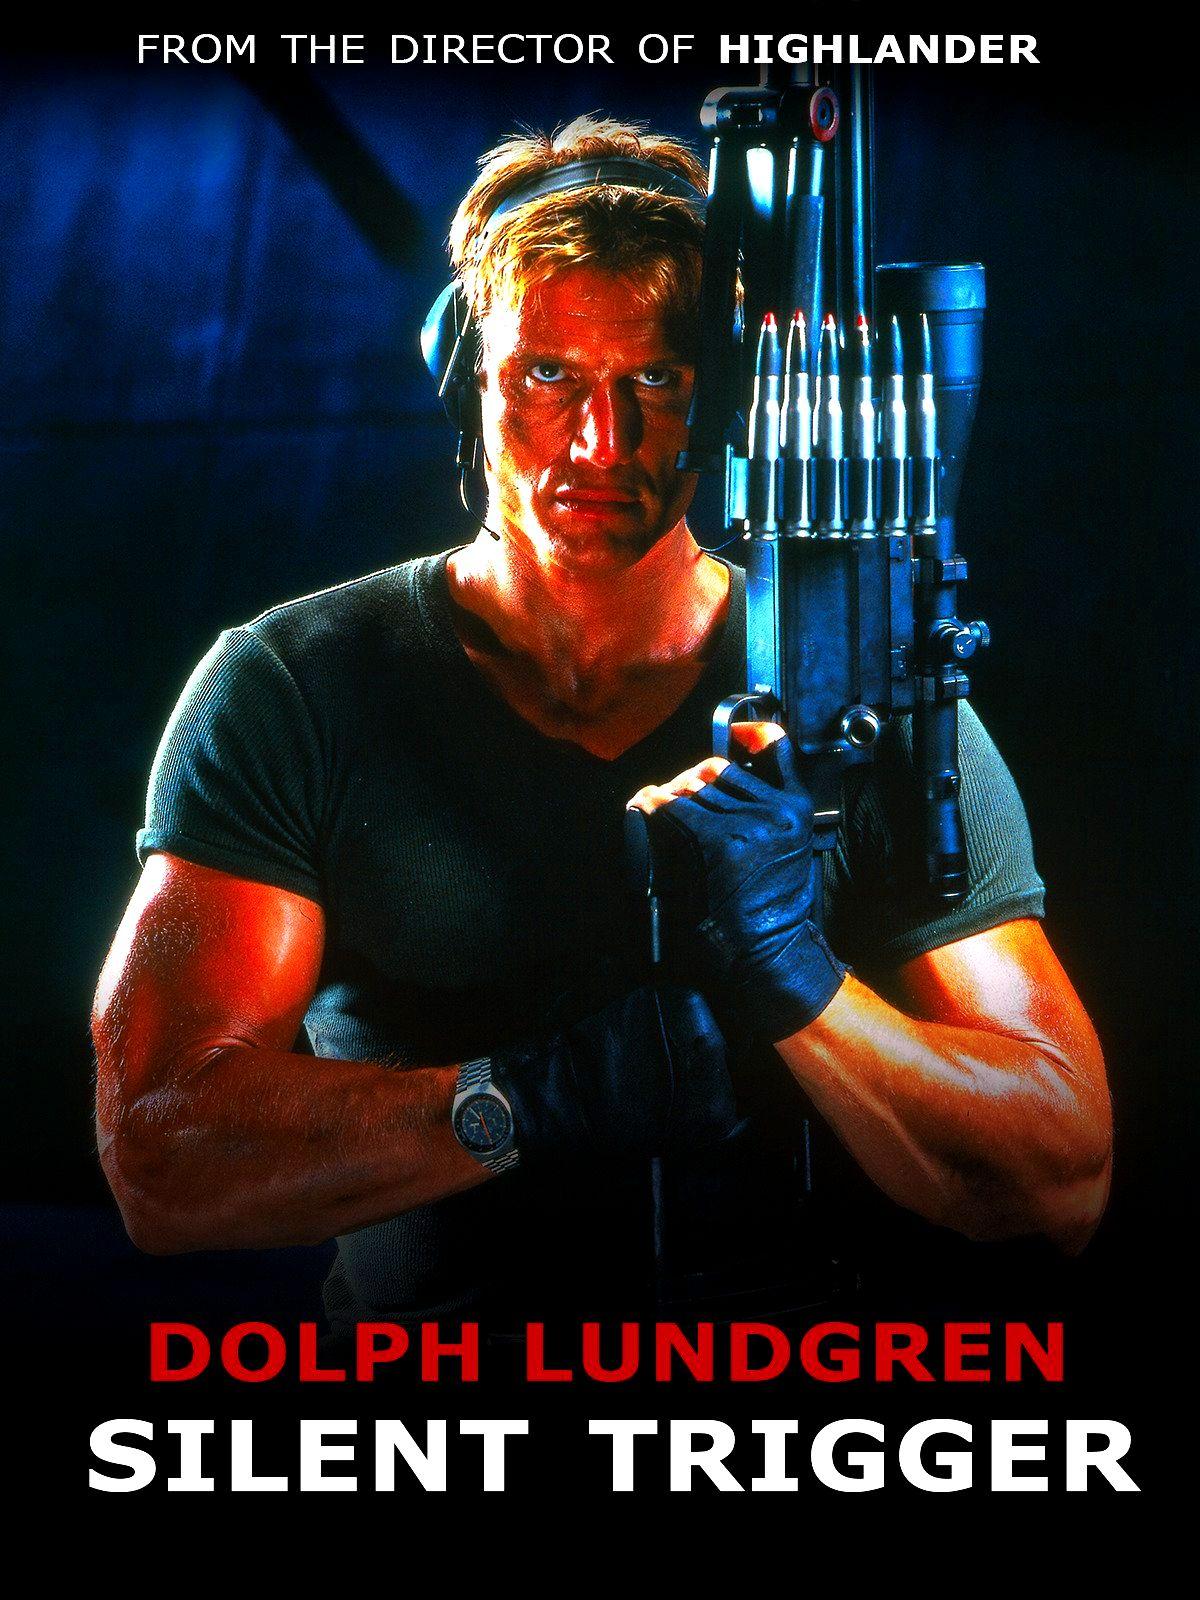 Silent Trigger Dolph Lundgren 90 S Movie Cover Art Repin Haarschnitt Manner Haarschnitt Mann